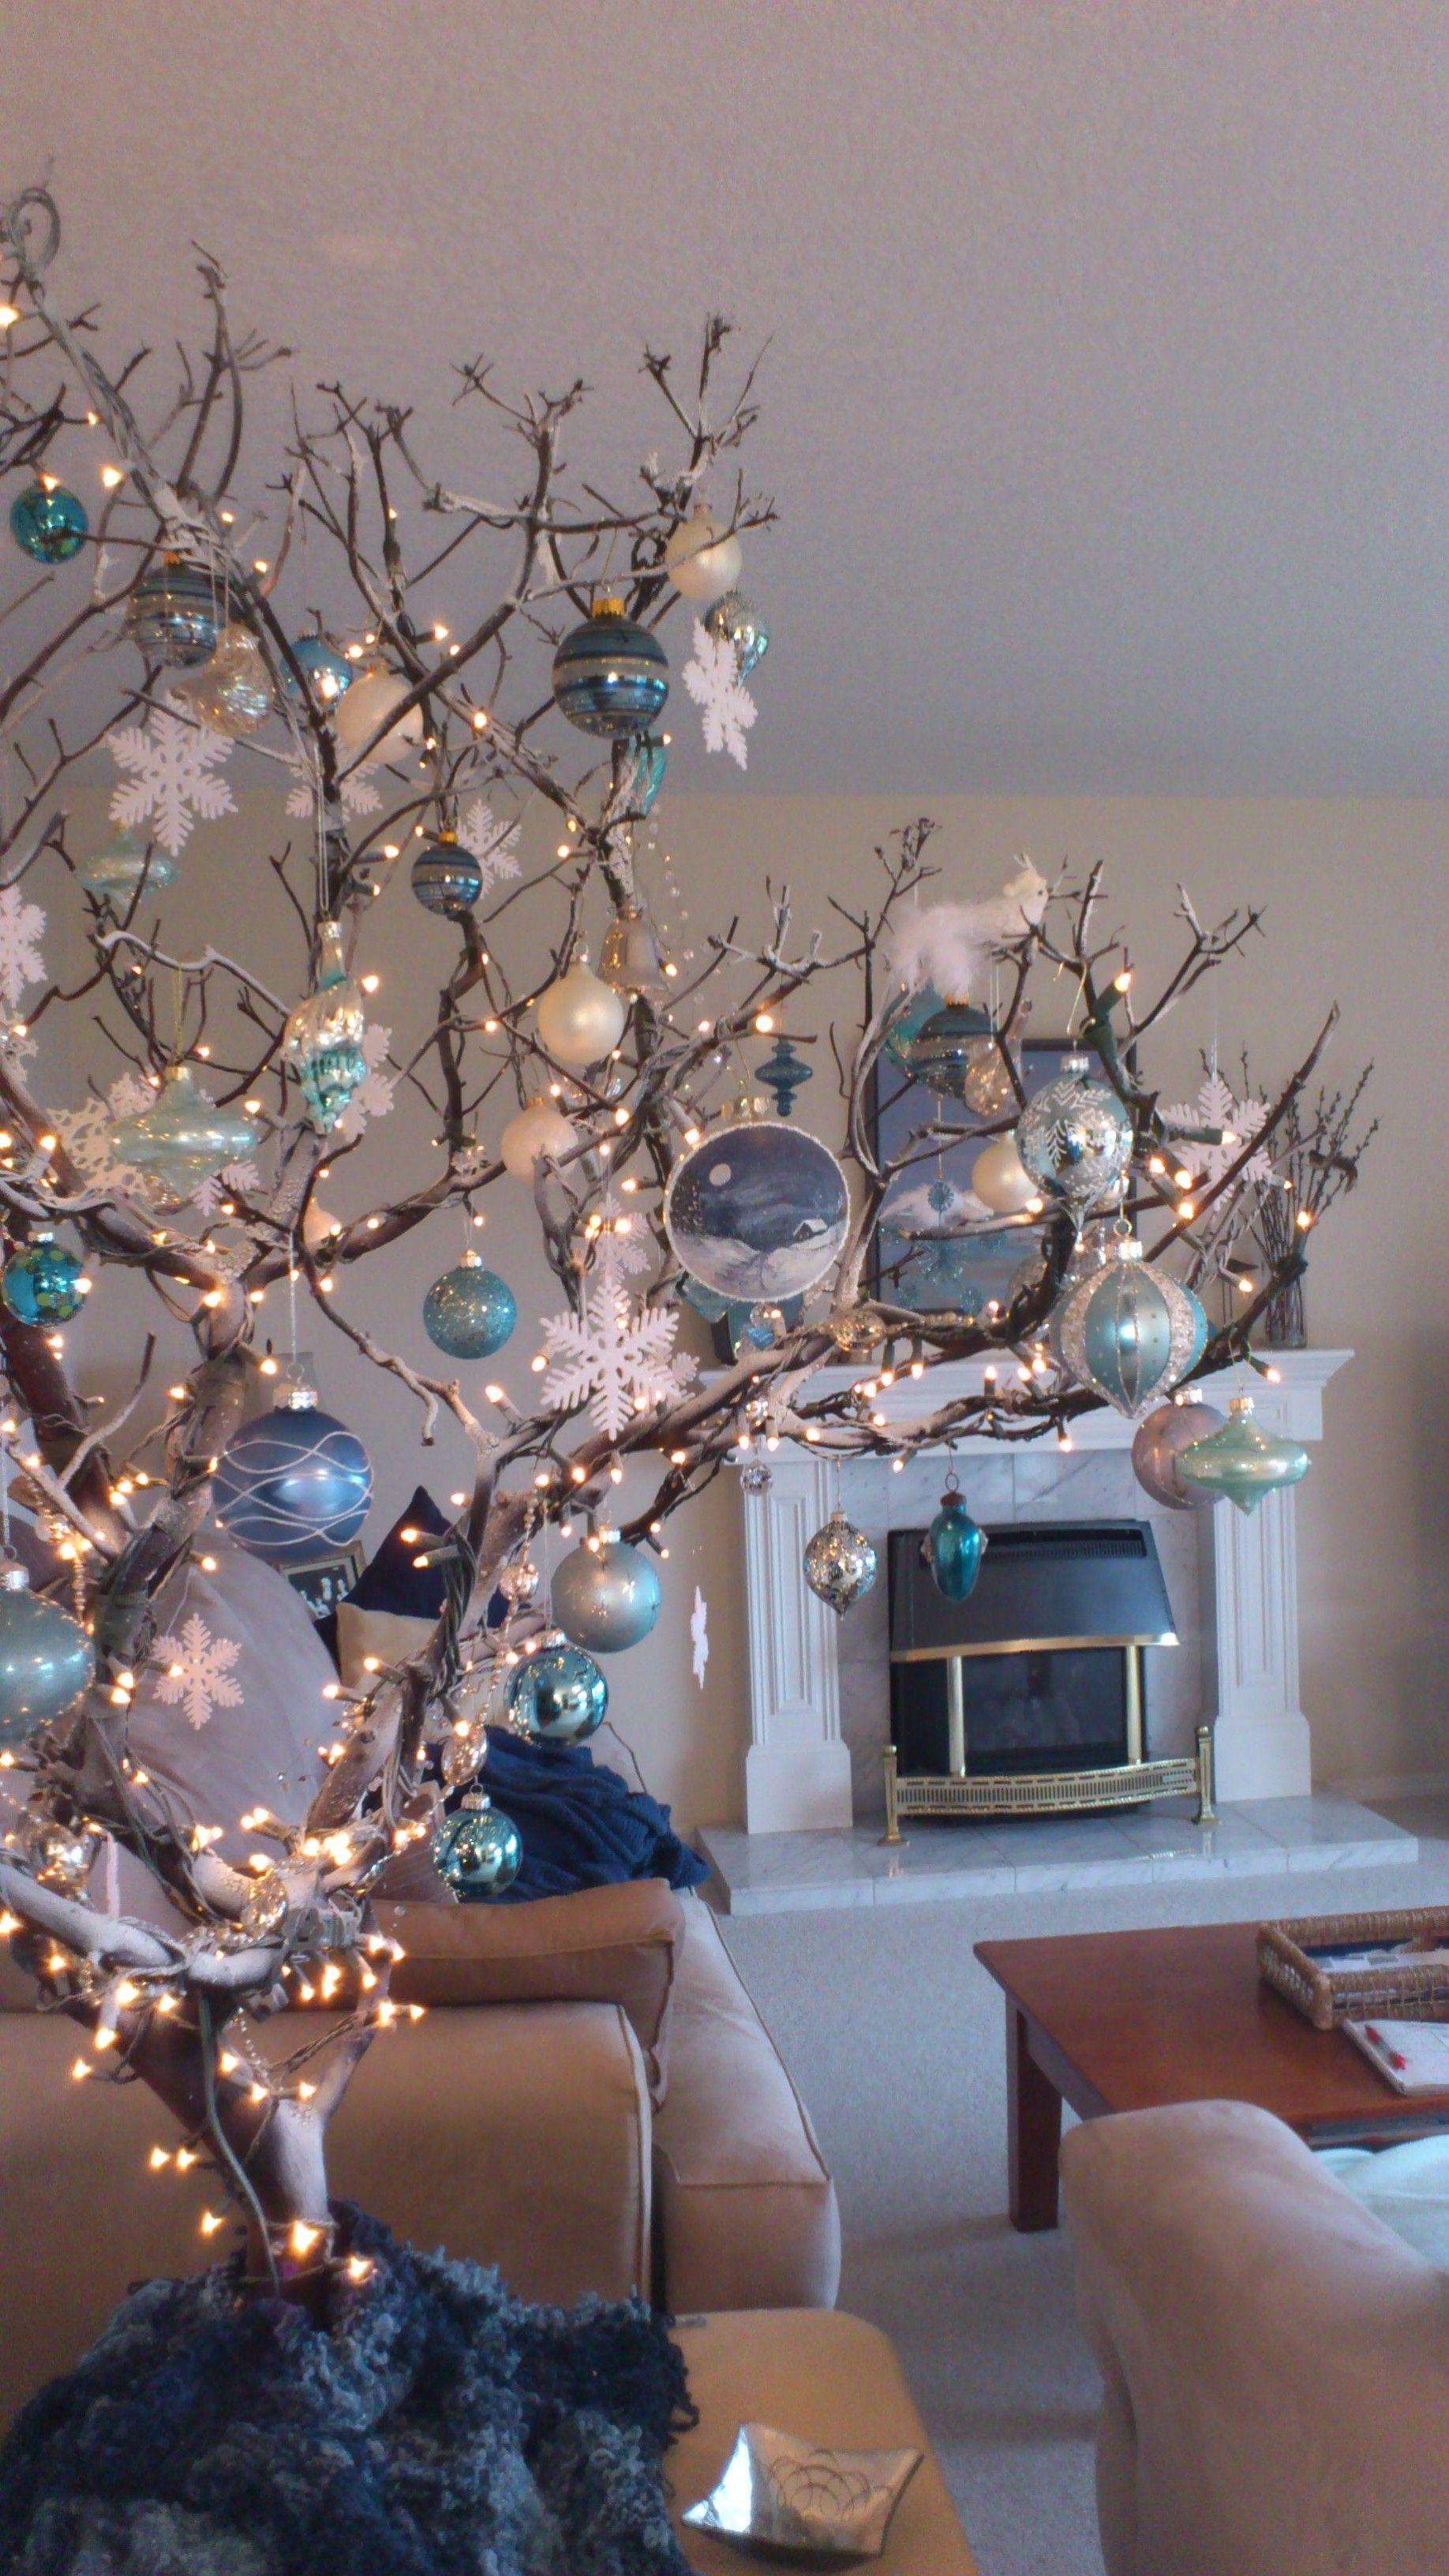 Una ramita seca unas luces y decoraciones monocrom ticas - Decoraciones de navidad ...